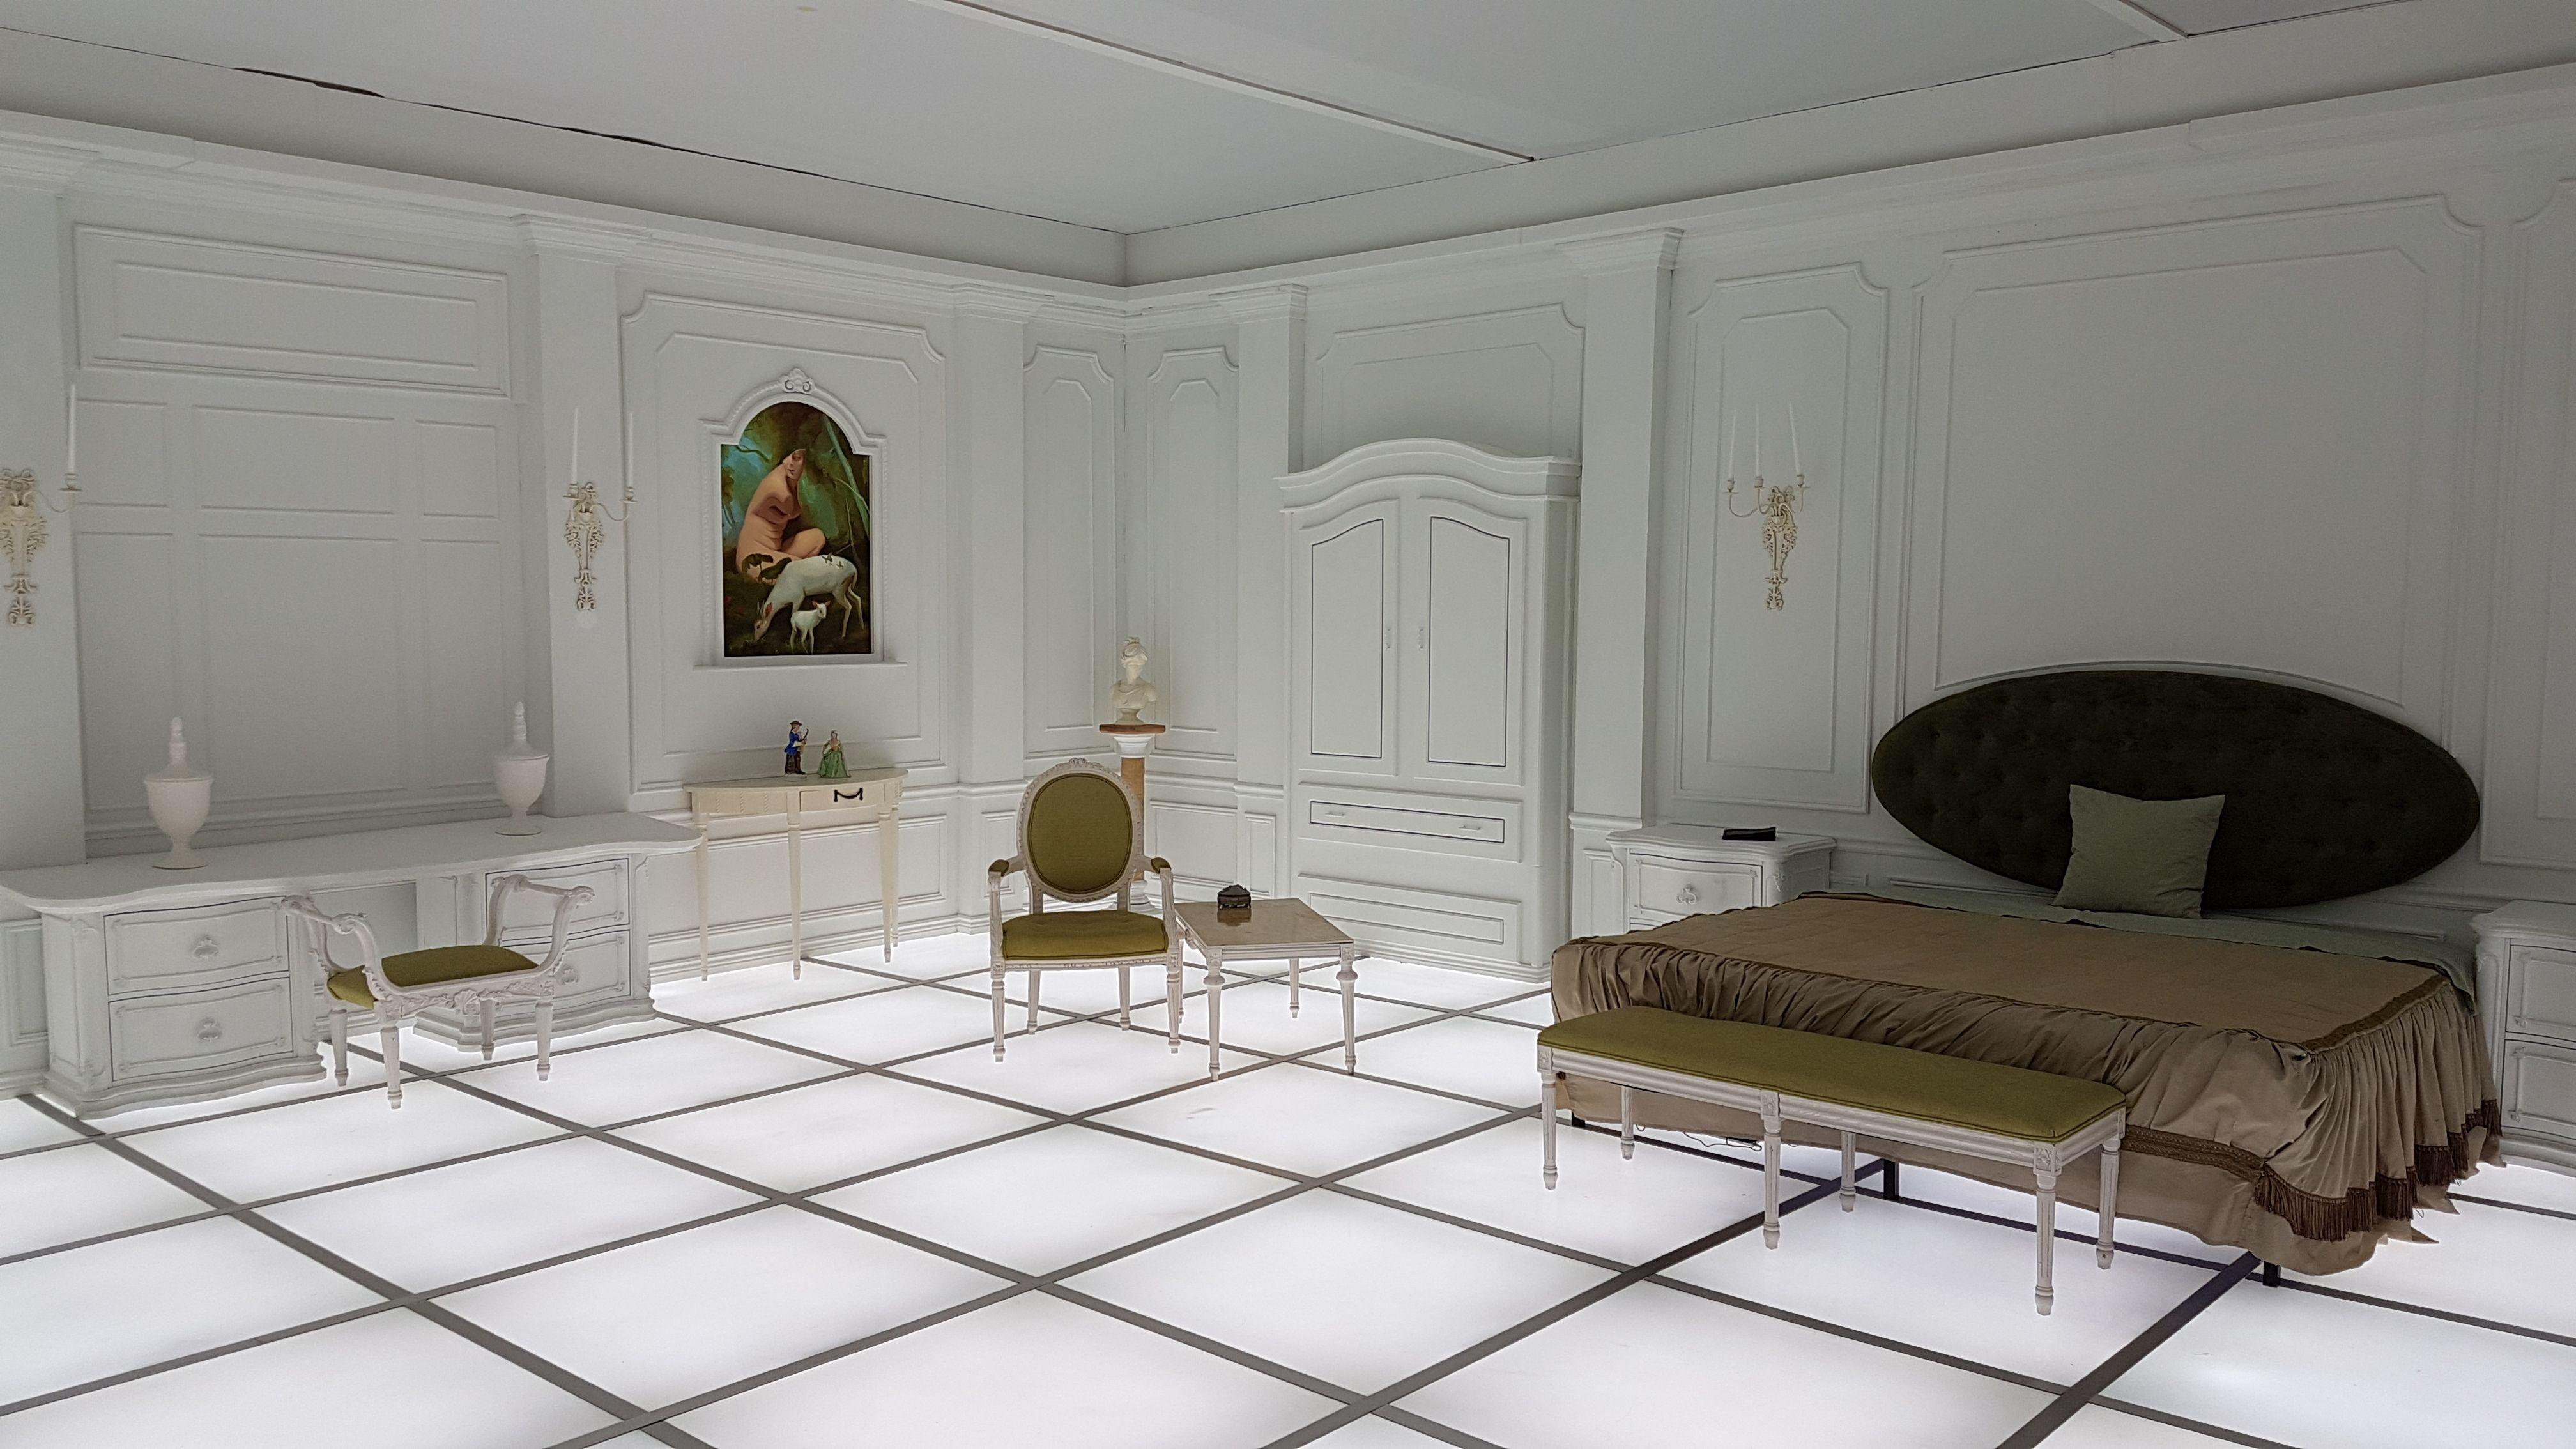 Camere Da Letto Piu Belle Del Mondo le 25 stanze piu importanti che hanno fatto la storia del